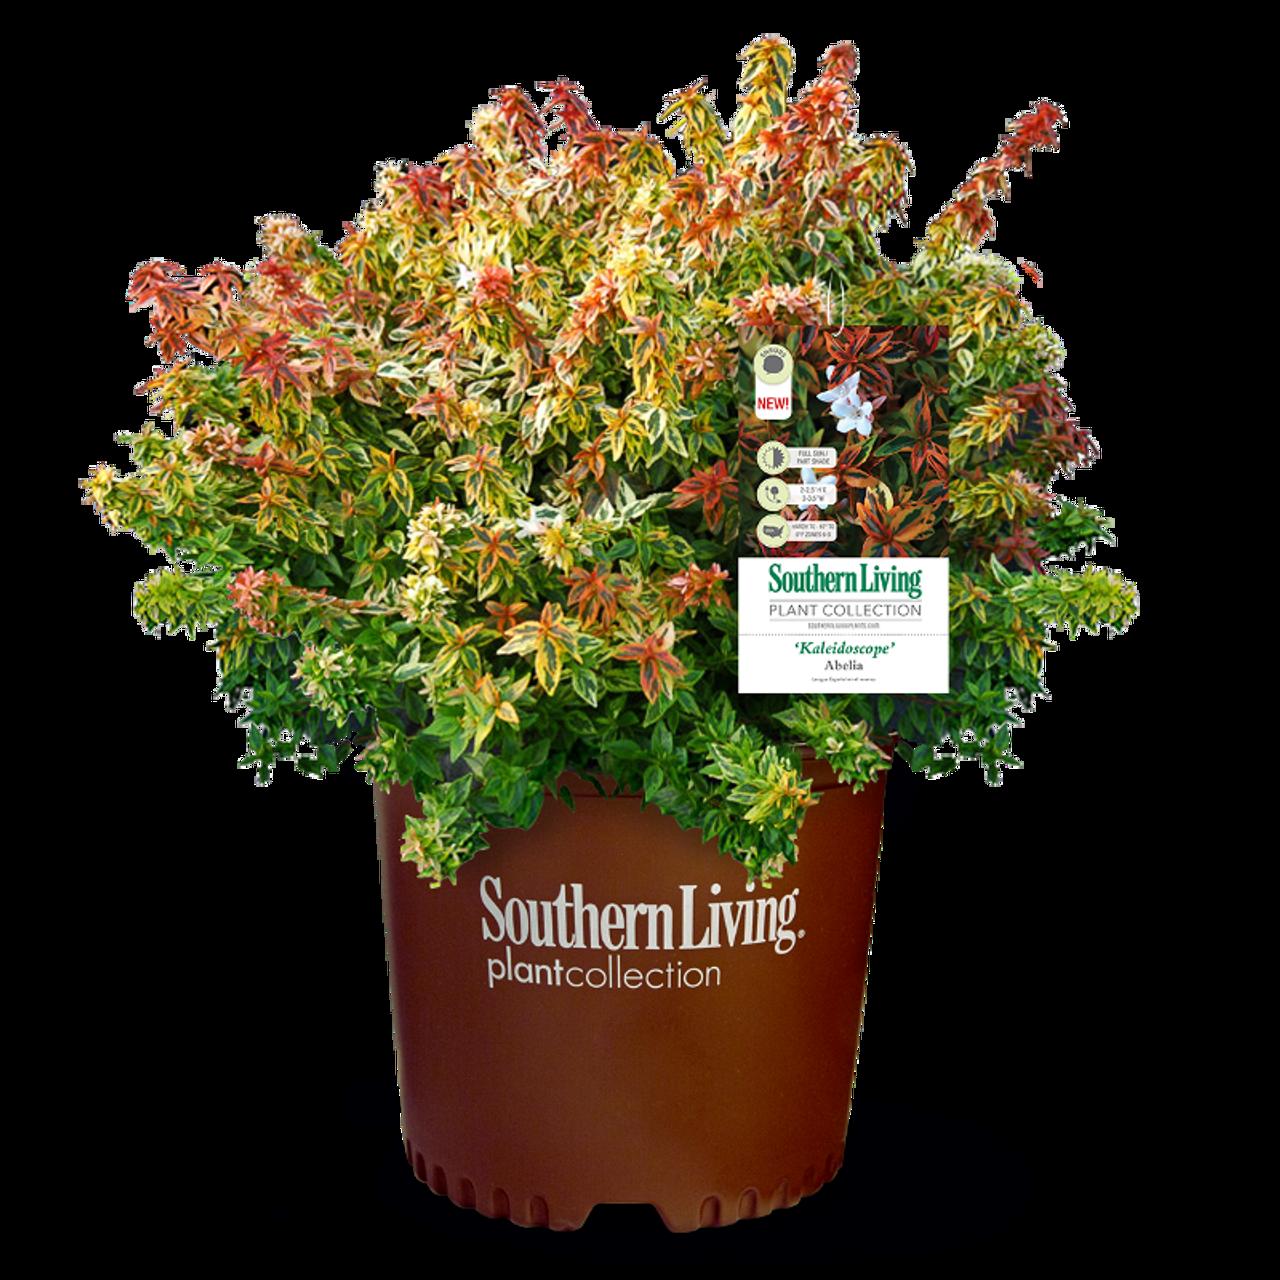 Kaleidoscope Abelia Plantaddictscom